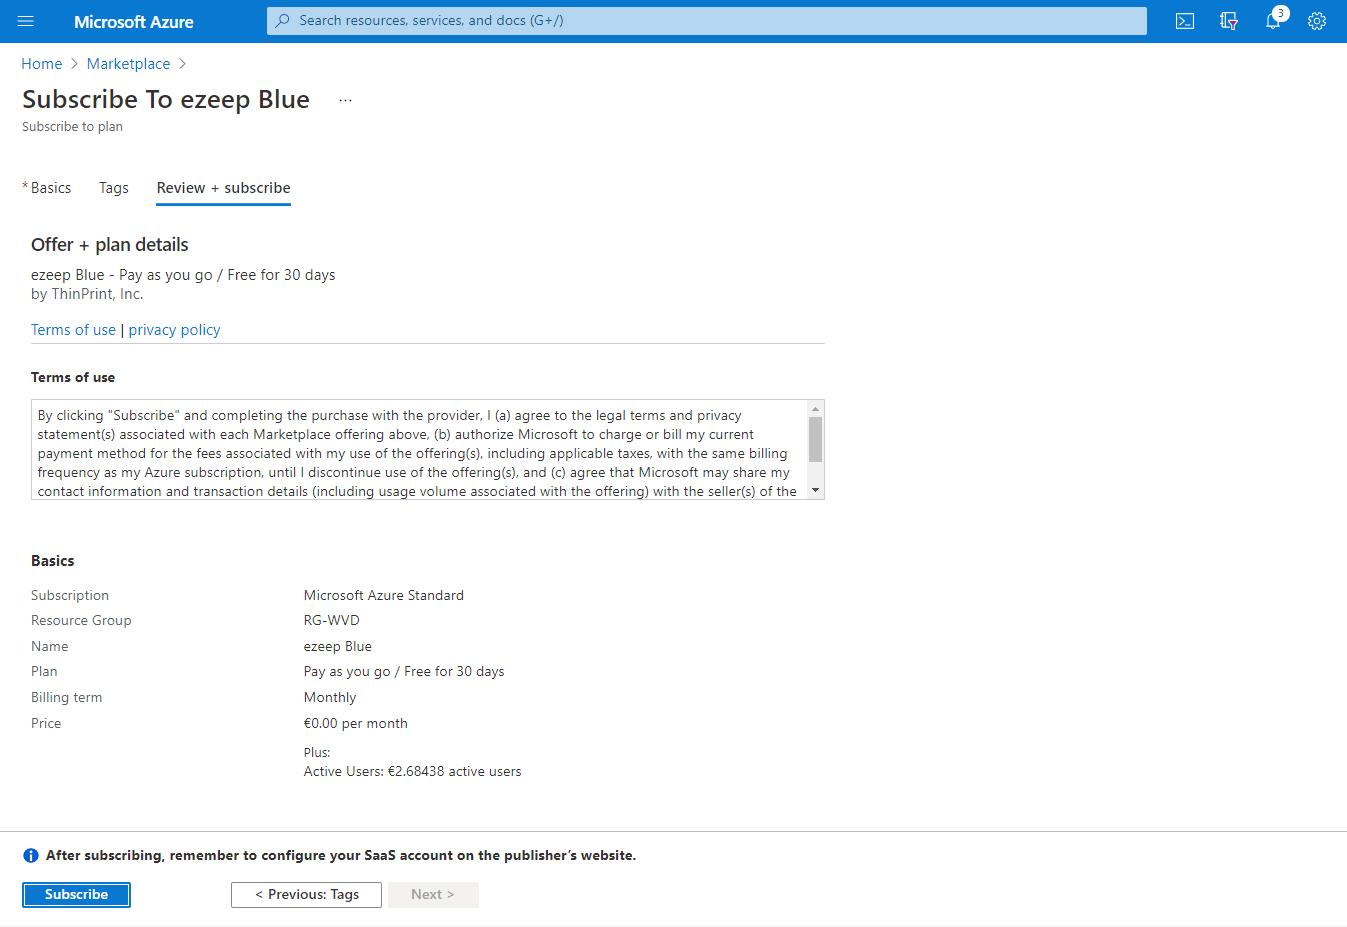 screenshot: ezeep Blue in Azure marketplace